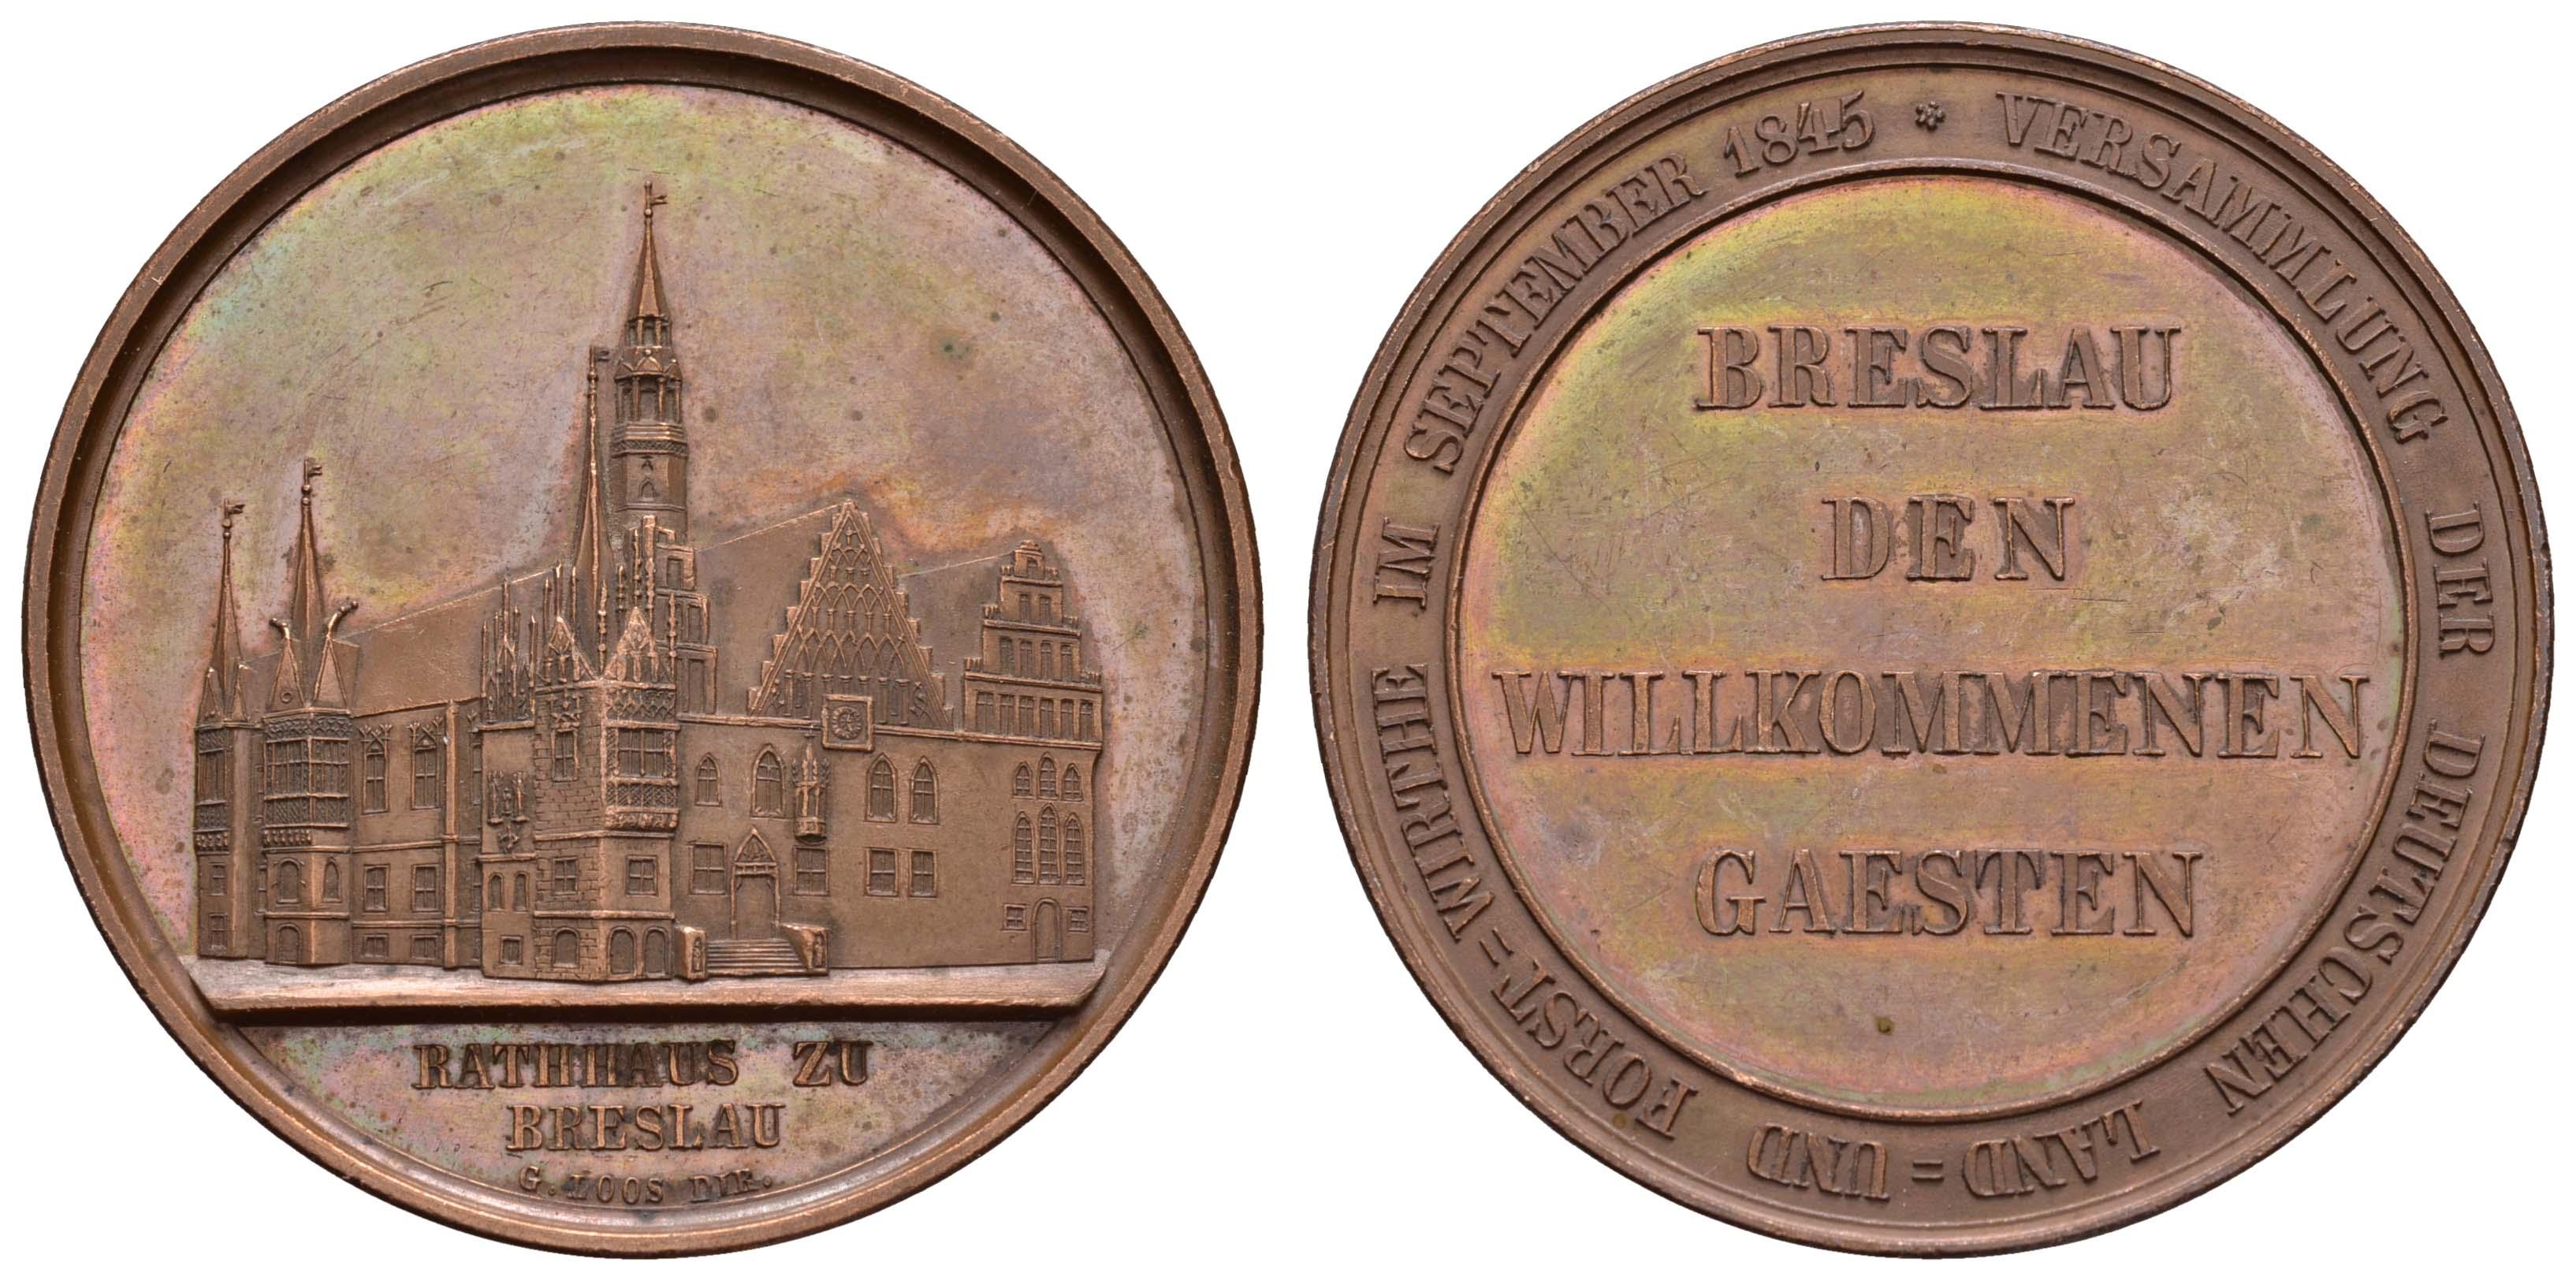 Lot 2212 - medaillen Sonstige Medaillen - Deutschland -  Auktionshaus Ulrich Felzmann GmbH & Co. KG Coins single lots